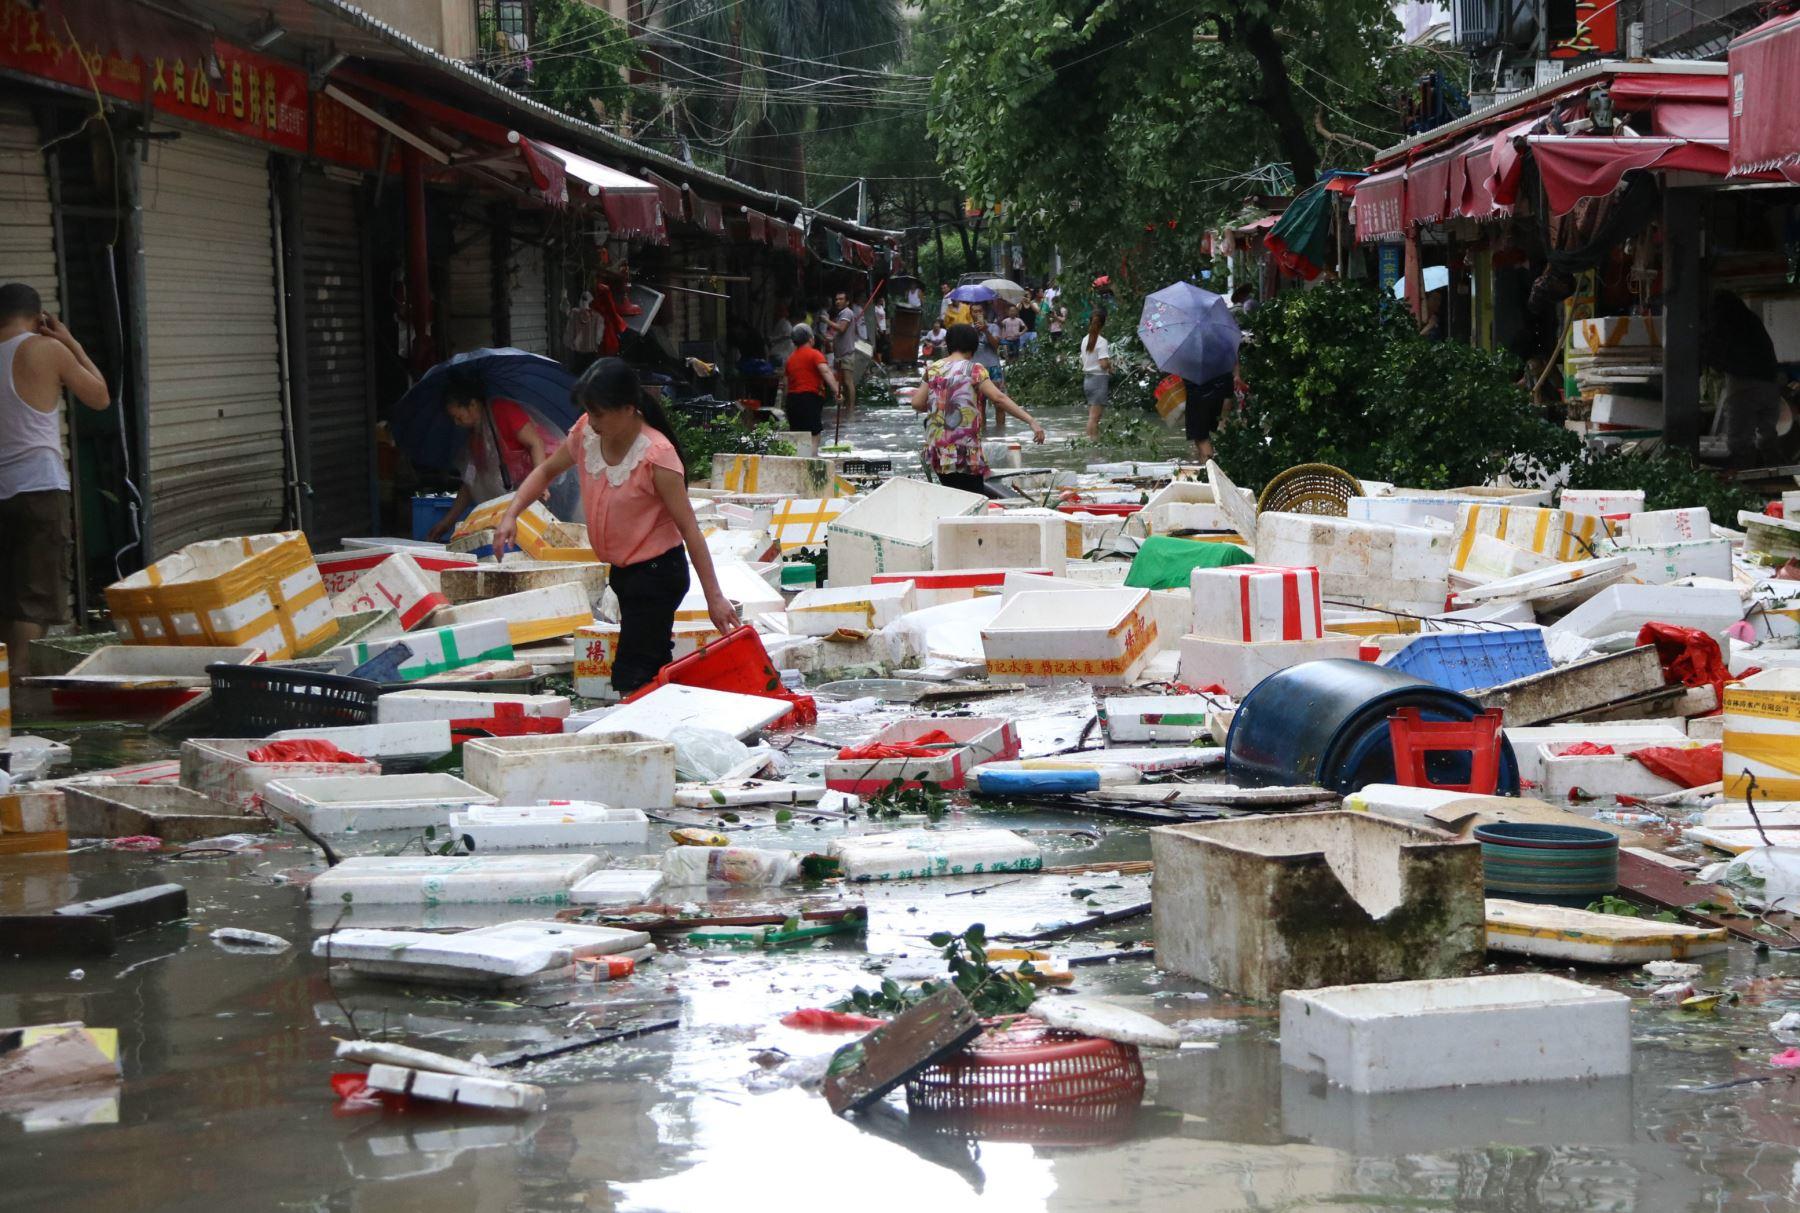 El tifón Megi ha causado al menos cuatro muertos y numerosos daños a los servicios e infraestructura a su paso por Taiwán. Foto: AFP